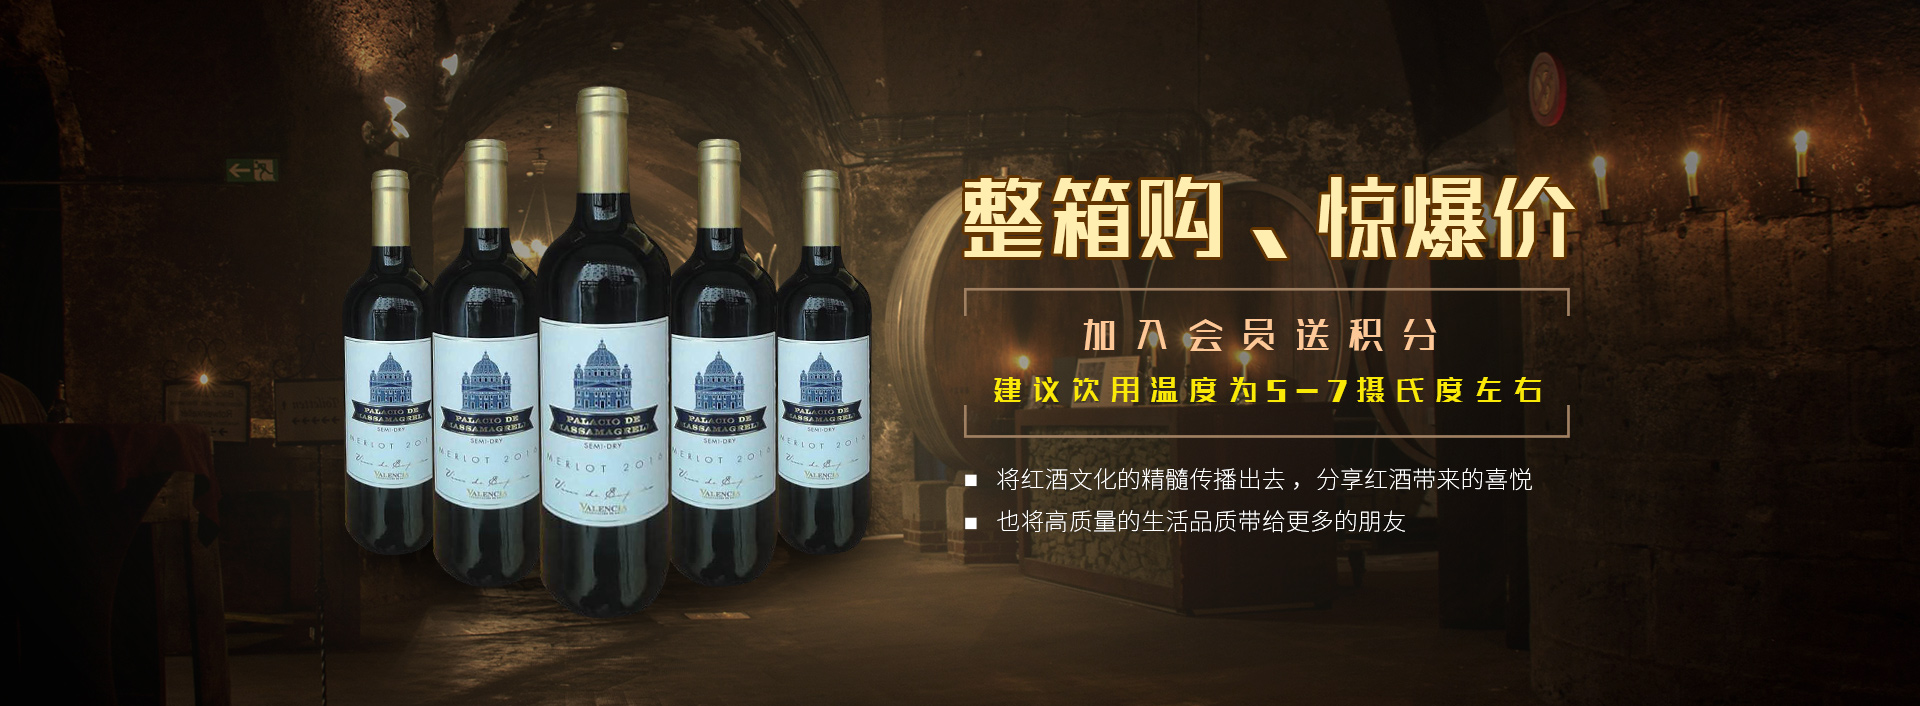 希腊进口葡萄酒